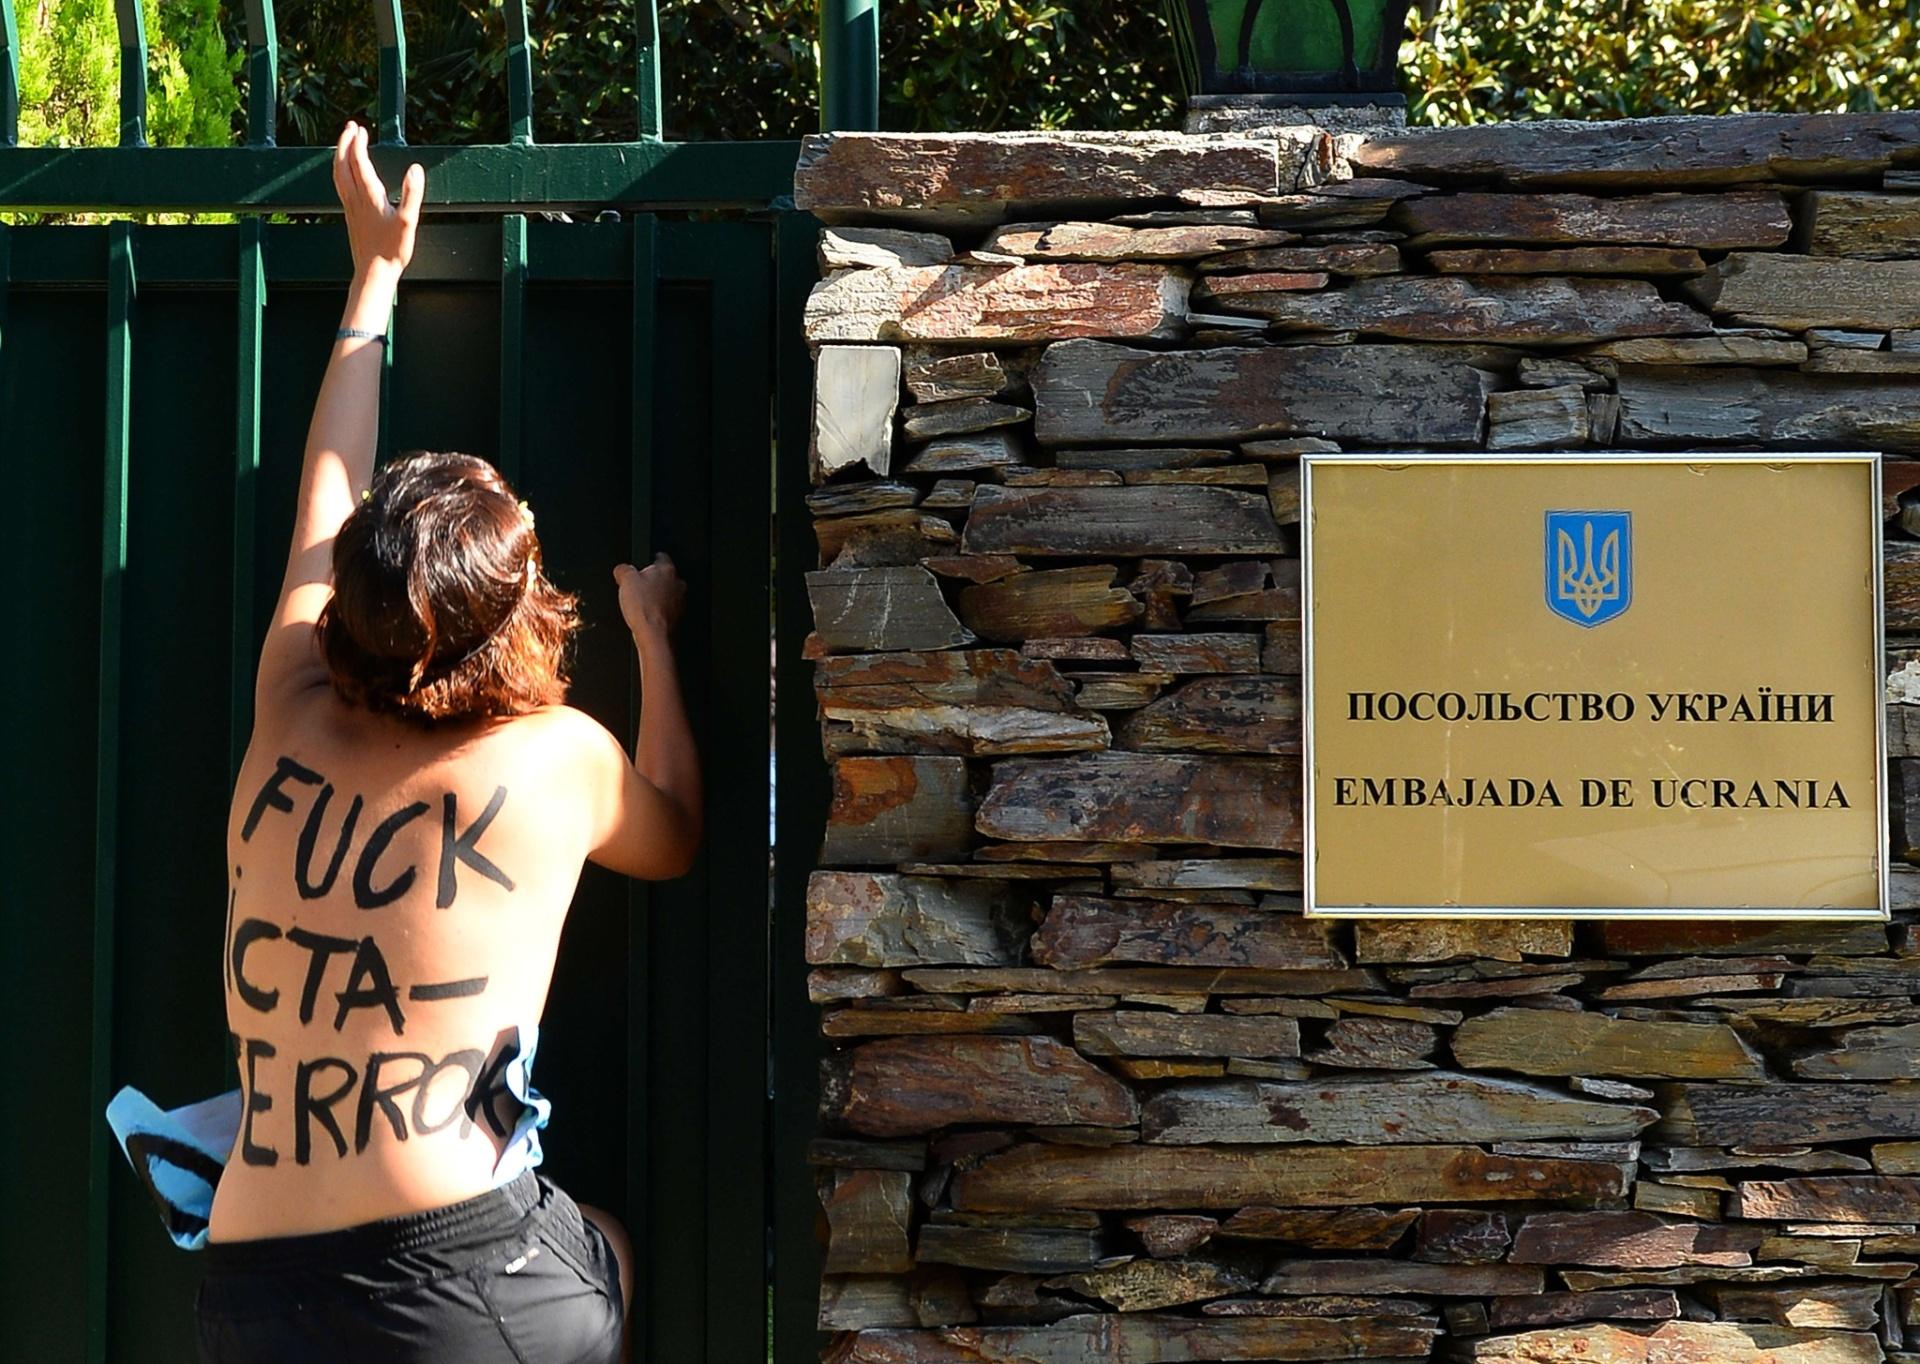 29.ago.2013 - Membros do grupo feminista Femen - conhecido por suas performances de topless - tentam pular o portão da Embaixada da Ucrânia em Madri, na Espanha, contra o que elas chamam de ditadura e repressão política contra membros do grupo na Ucrânia, em frente à embaixada do país em Paris, na França. O grupo está enfrentando uma investigação criminal por posse de armas ilegais após a polícia revistar seus escritórios no centro de Kiev na terça-feira (27)